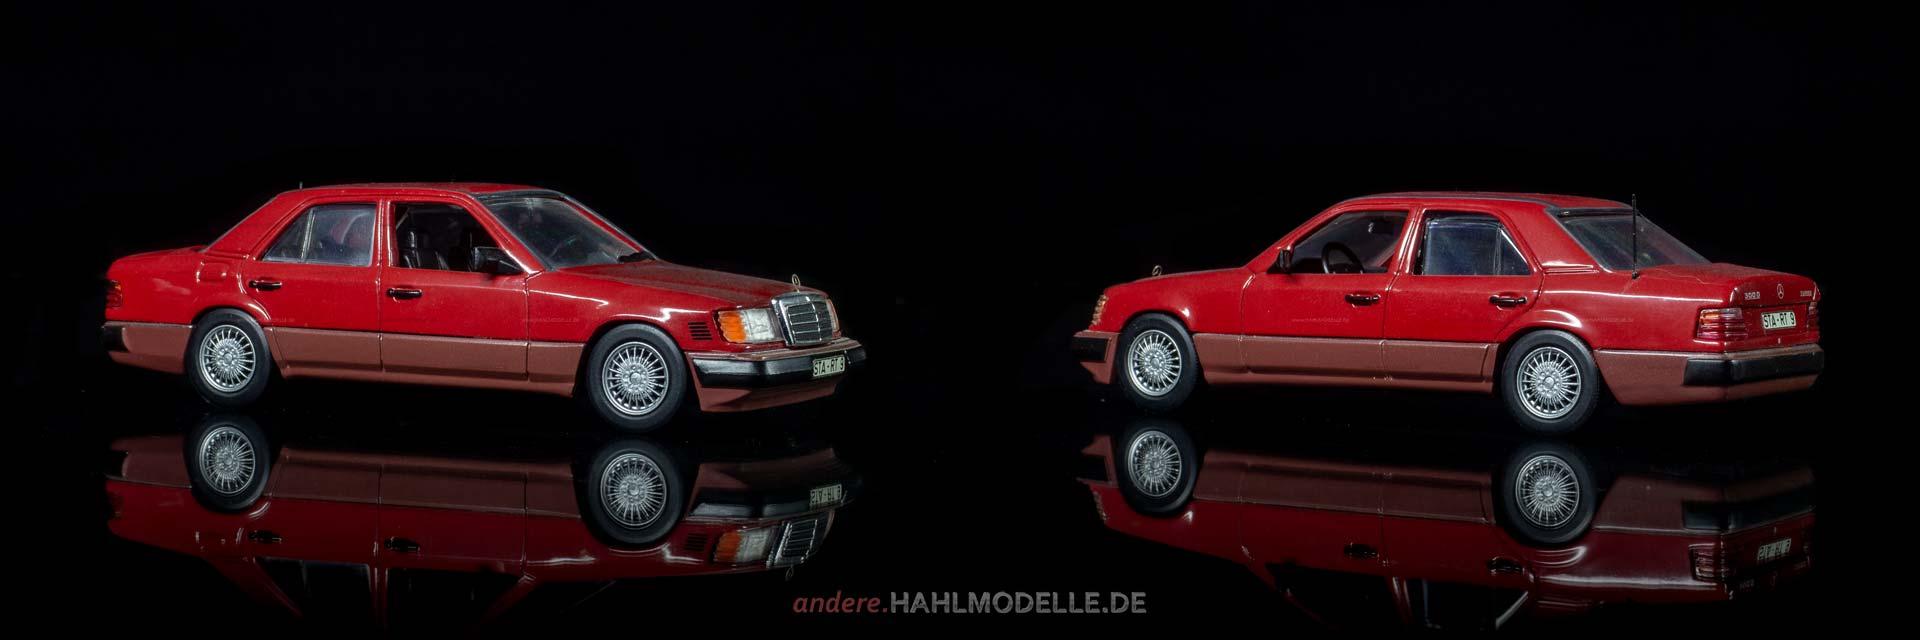 Mercedes-Benz 300 D Turbodiesel (W 124 | Limousine | Minichamps | www.andere.hahlmodelle.de